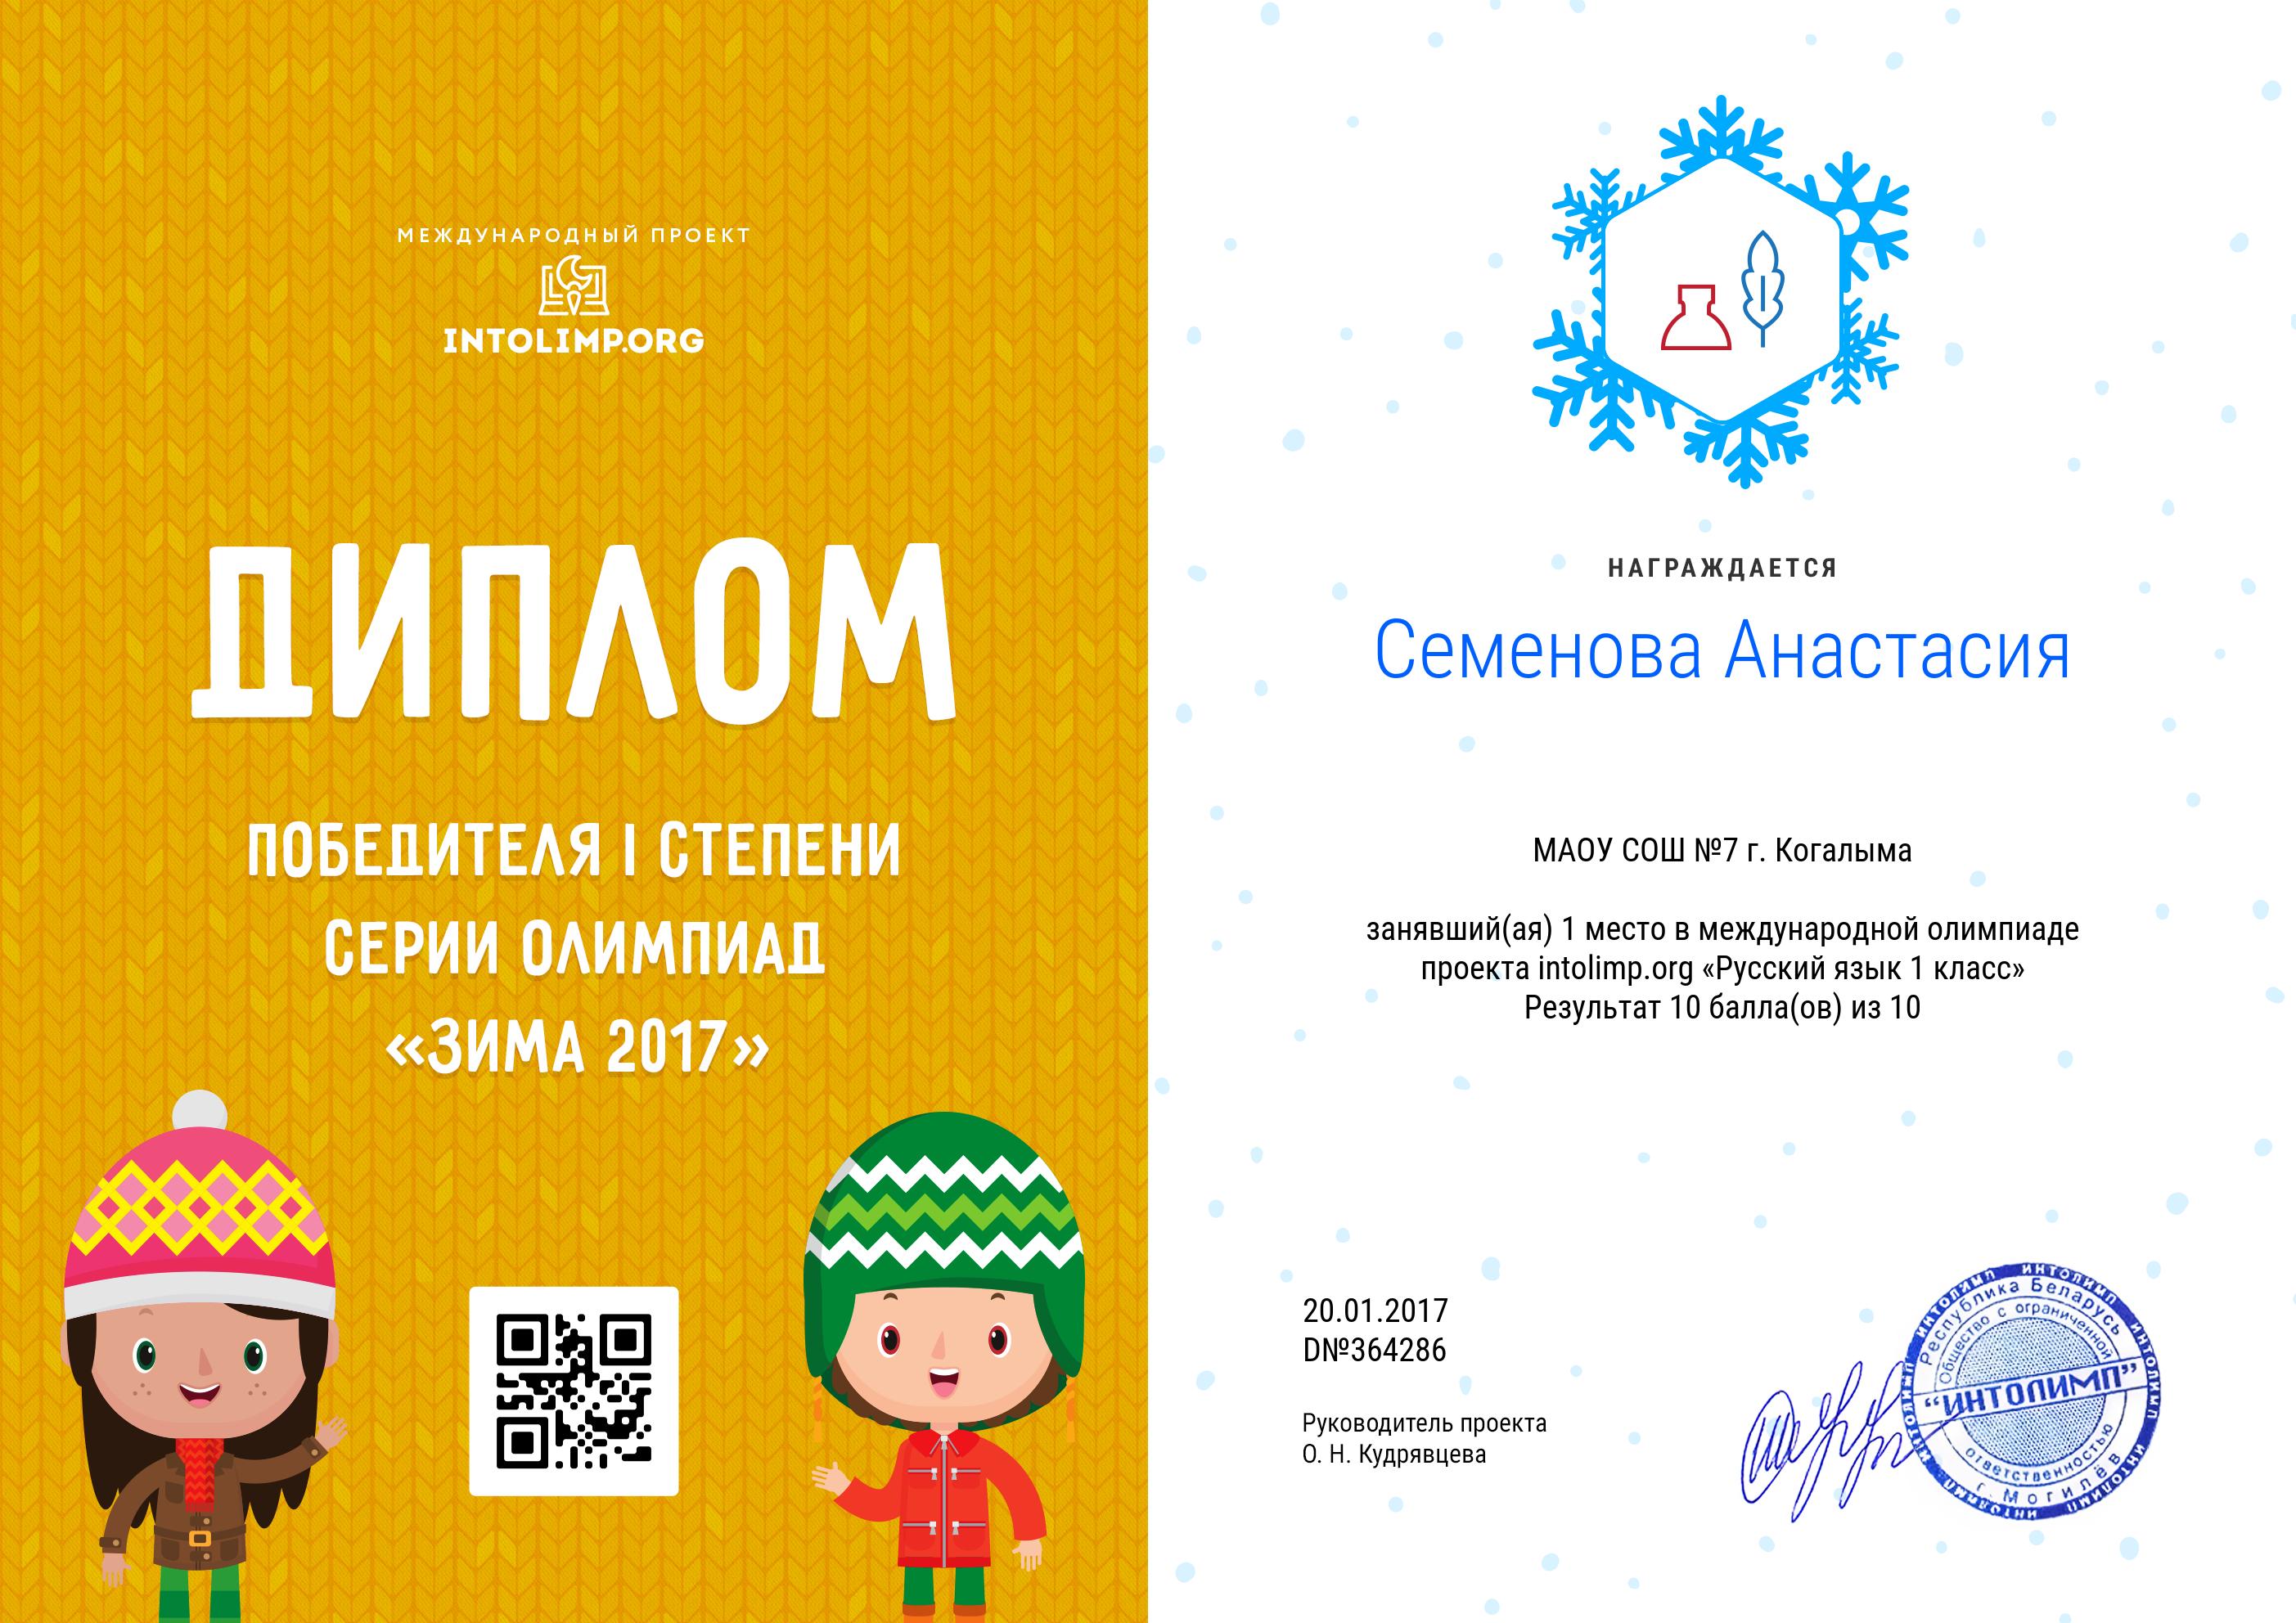 Результаты участия в олимпиадах Мой веб сайт Семёнова Анастасия Диплом победителя международной олимпиады проекта intolimp org русский язык 1 класс